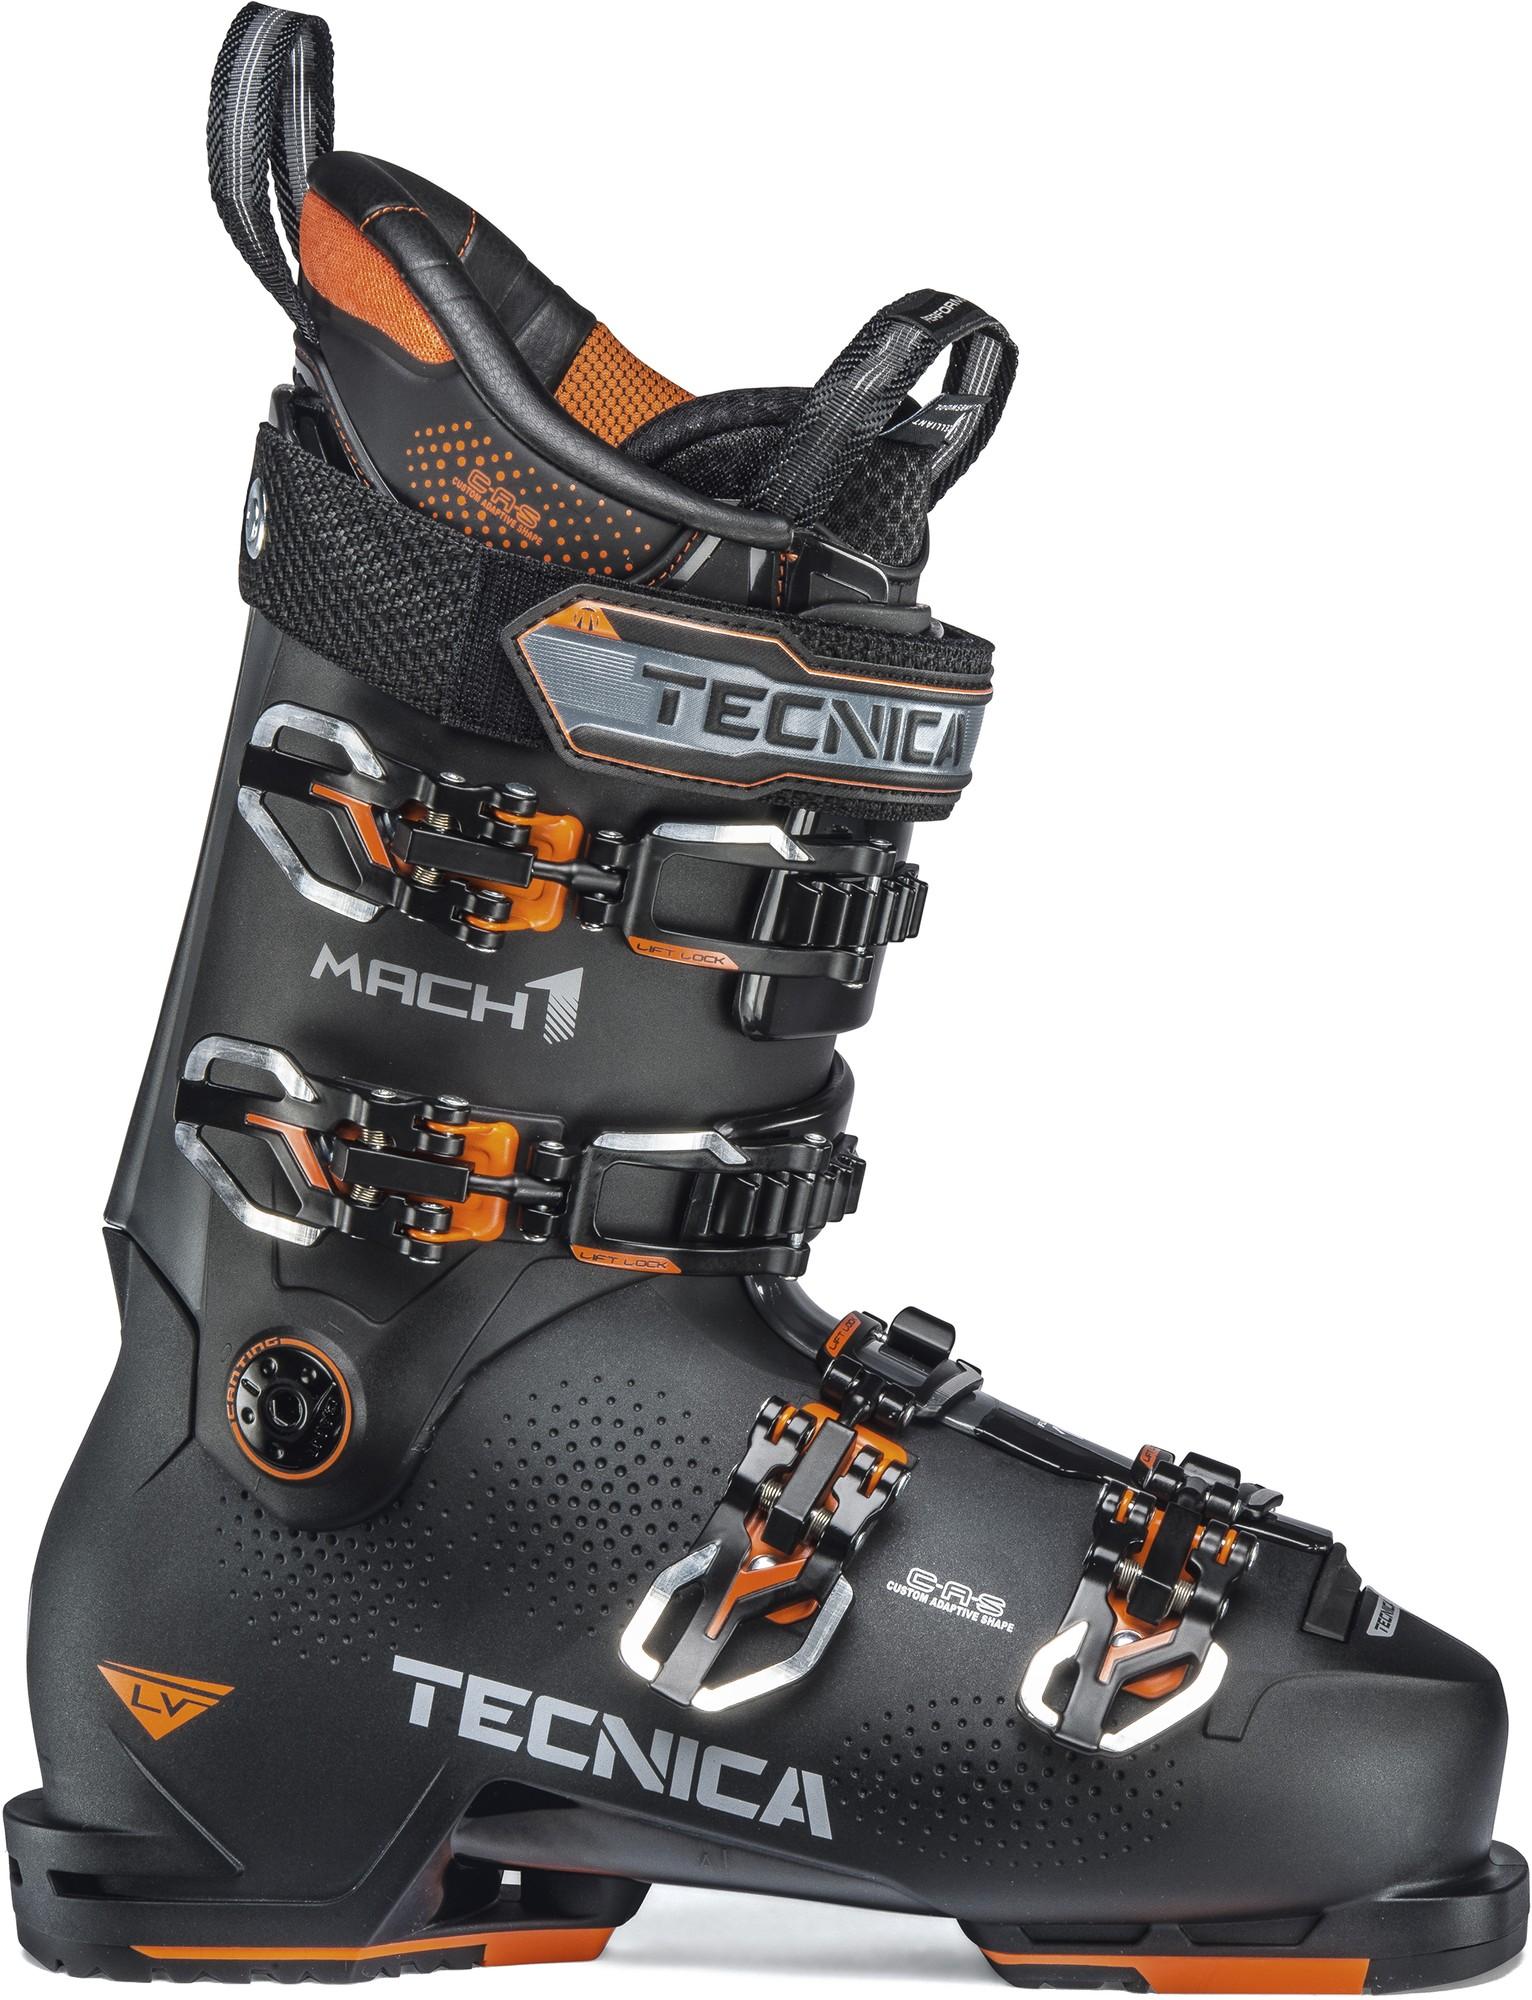 Tecnica Ботинки горнолыжные Tecnica MACH1 LV 110, размер 29 см